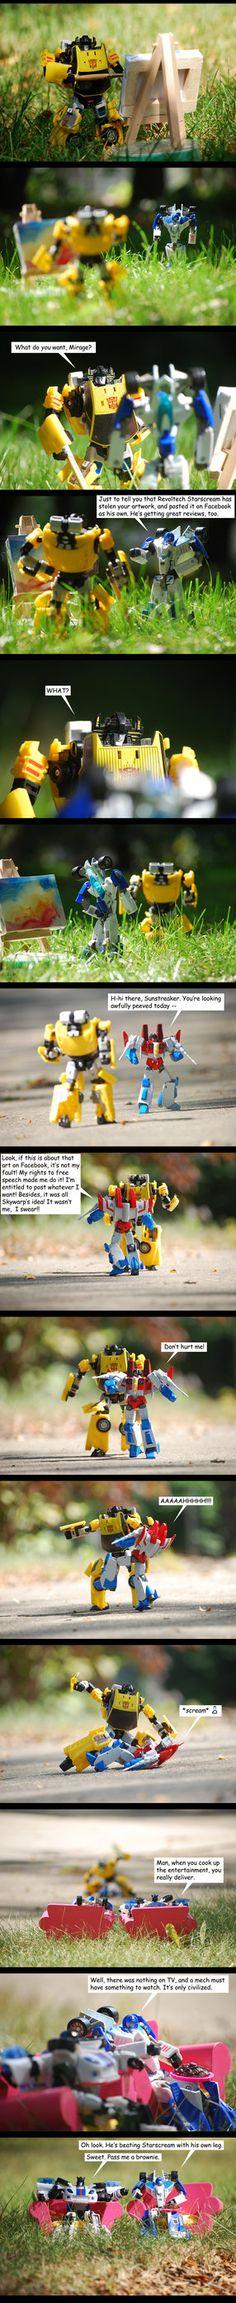 Art Theft - Backfired by The-Starhorse.deviantart.com on @DeviantArt